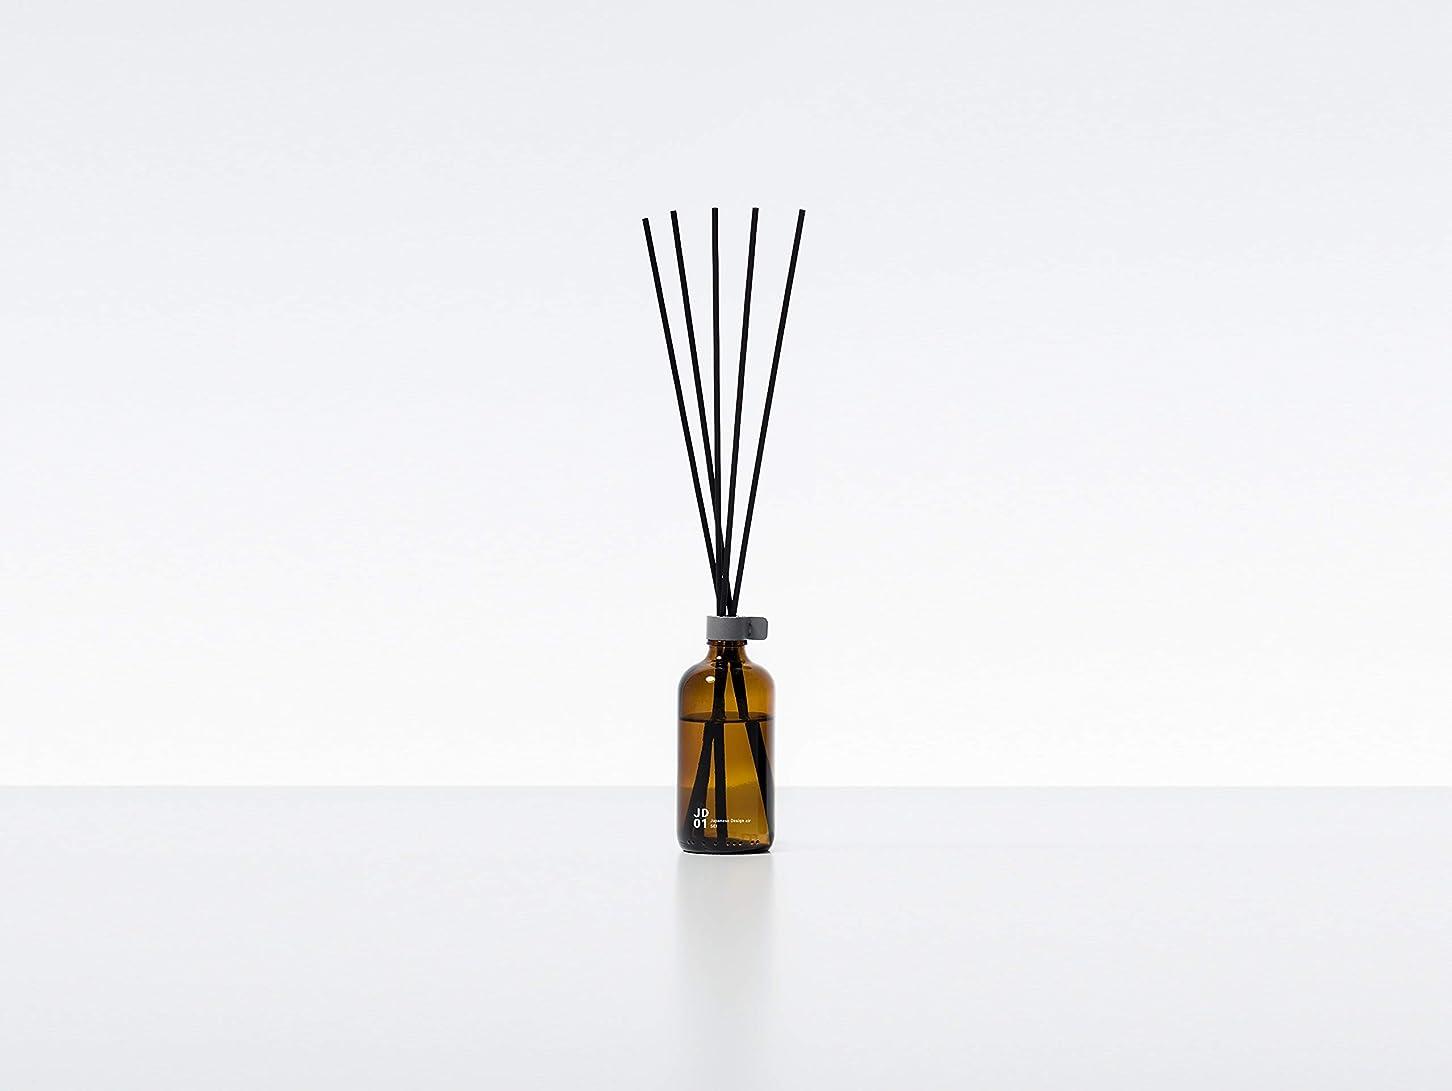 望み肥満電化するJD01 清 stick diffuser set